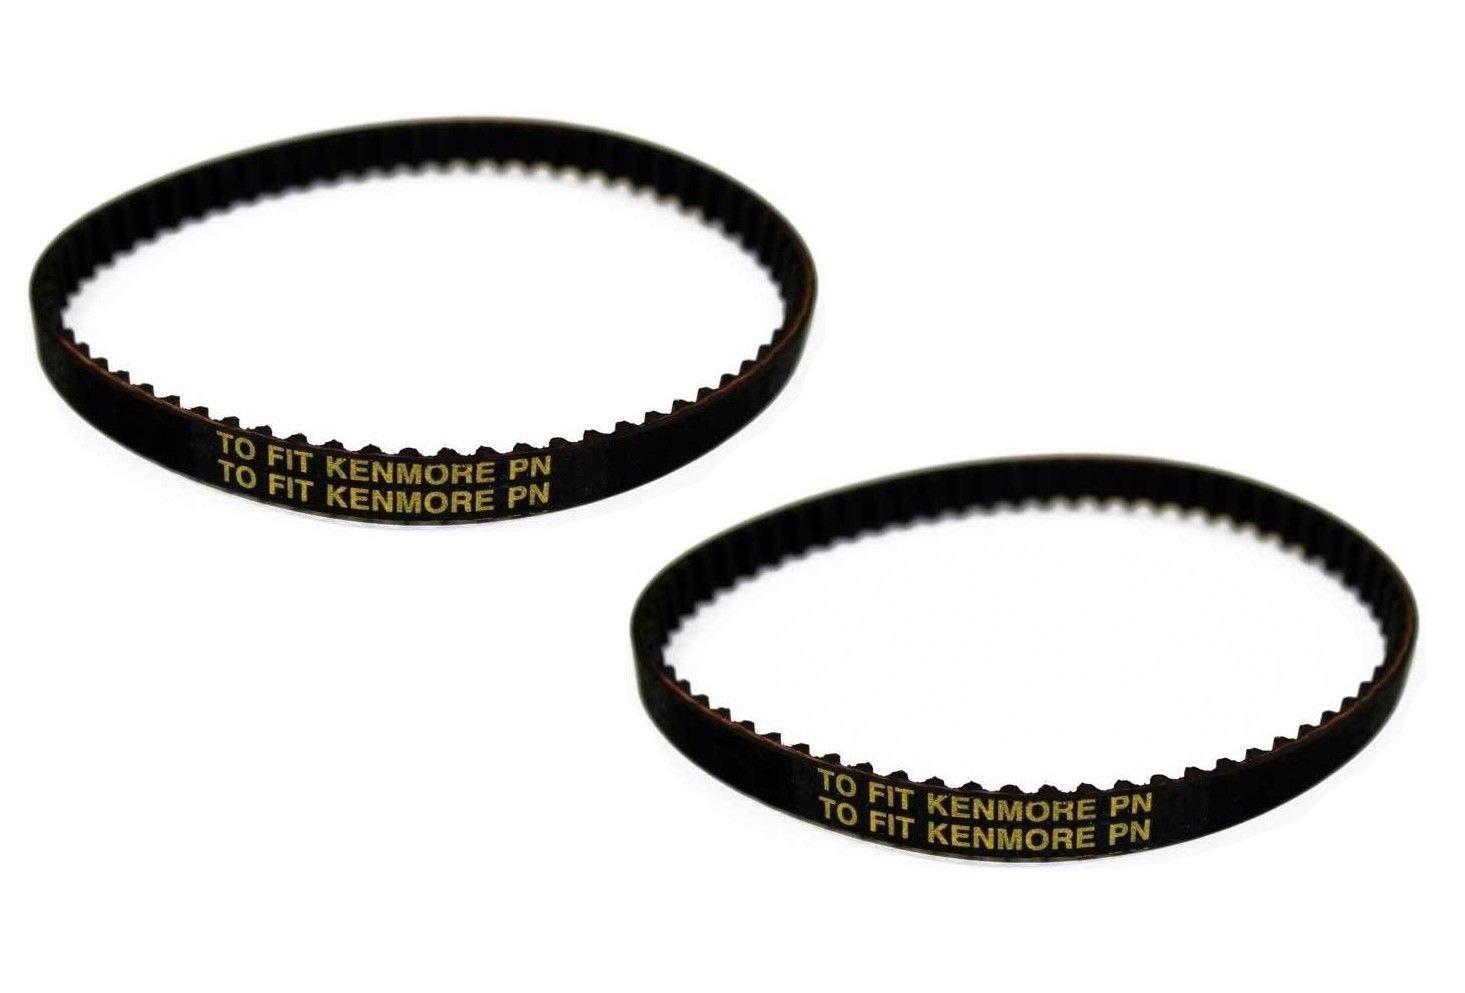 46-3300-03 (2) NuTone Central Vacuum Powermate Nozzle Belt Geared - New Vacuum Parts